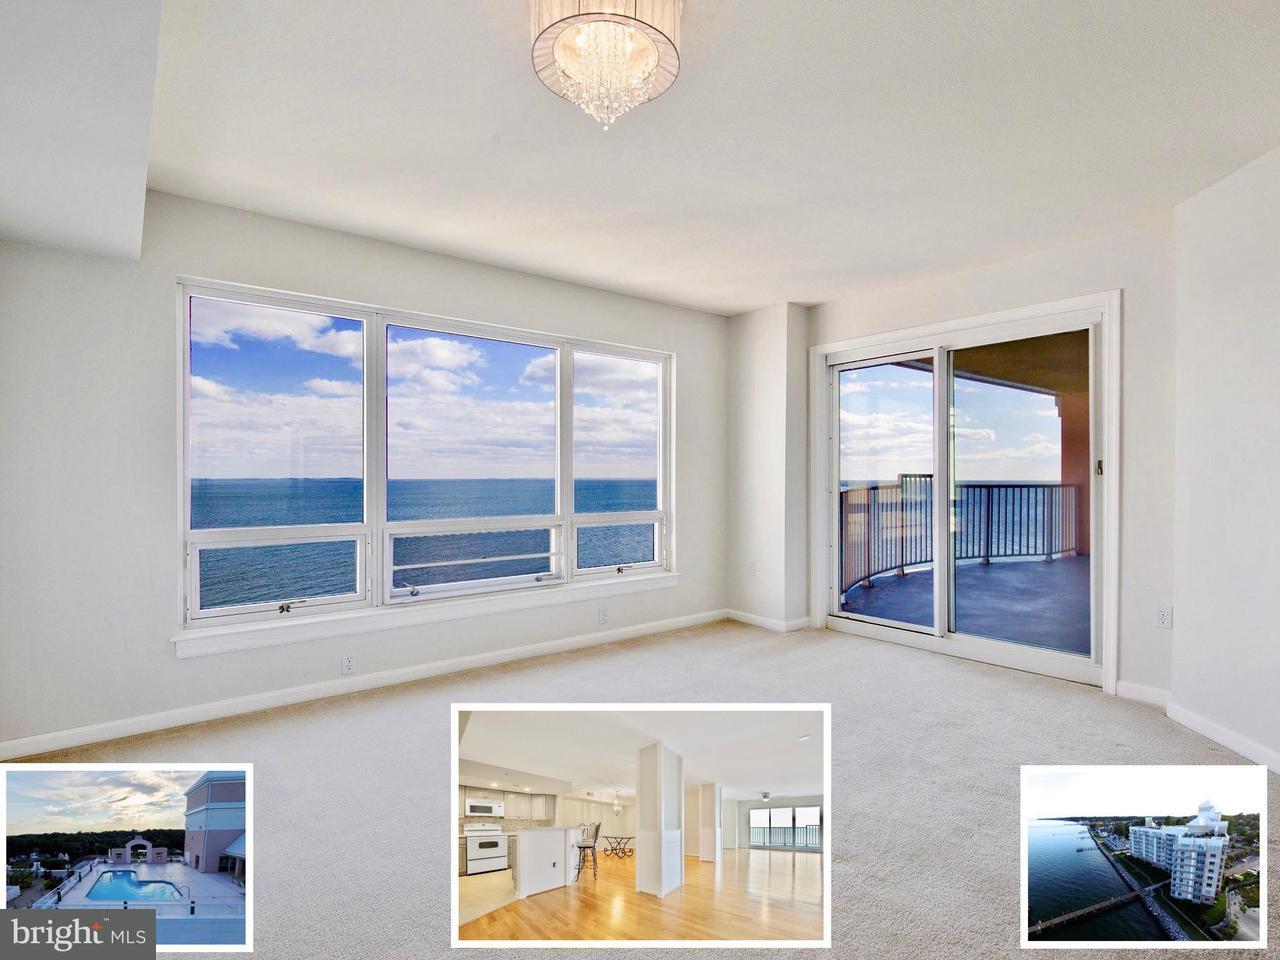 独户住宅 为 销售 在 8501 BAYSIDE RD #PH2 8501 BAYSIDE RD #PH2 Chesapeake Beach, 马里兰州 20732 美国